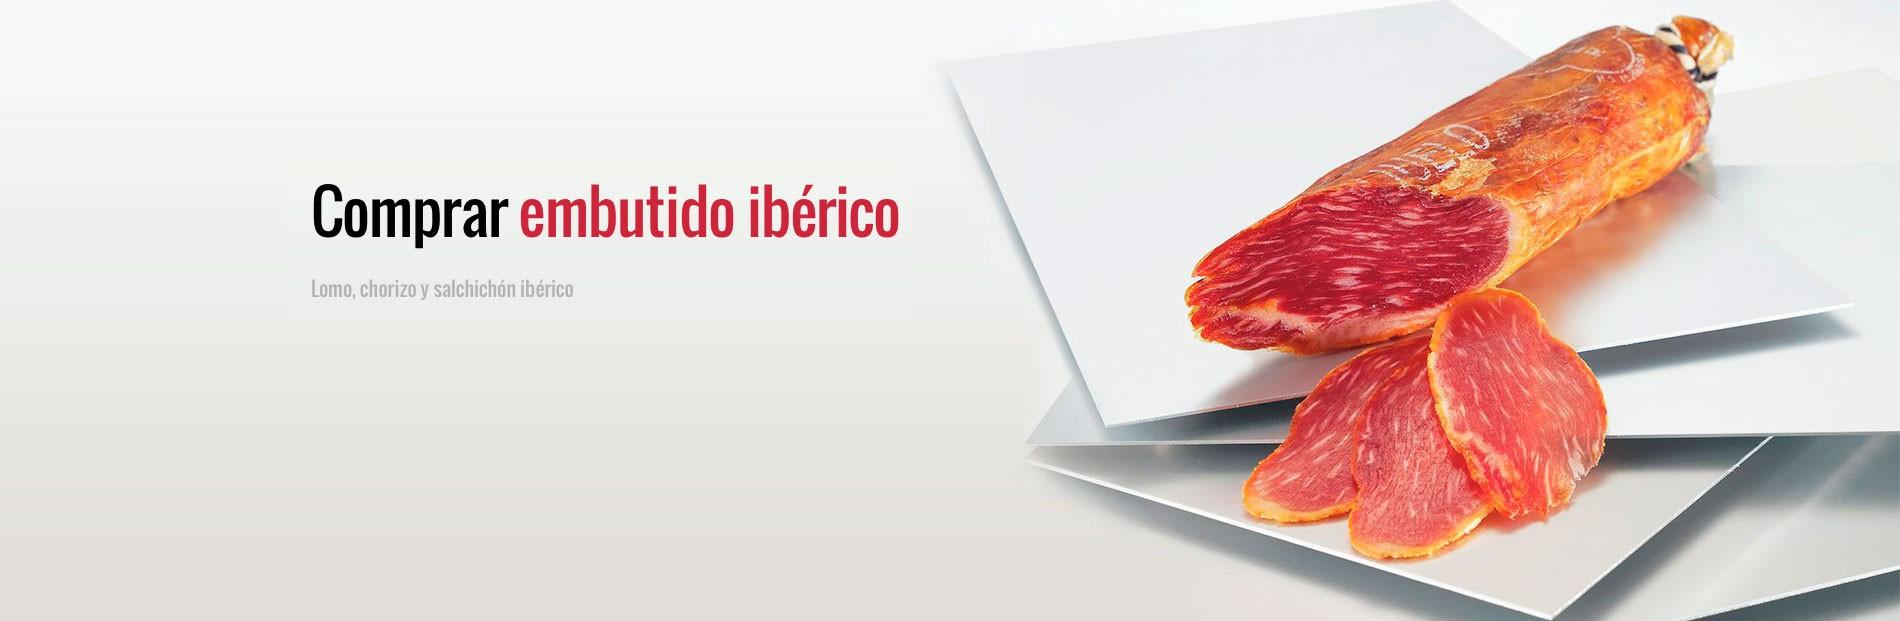 Comprar embutido ibérico - Ibericomio